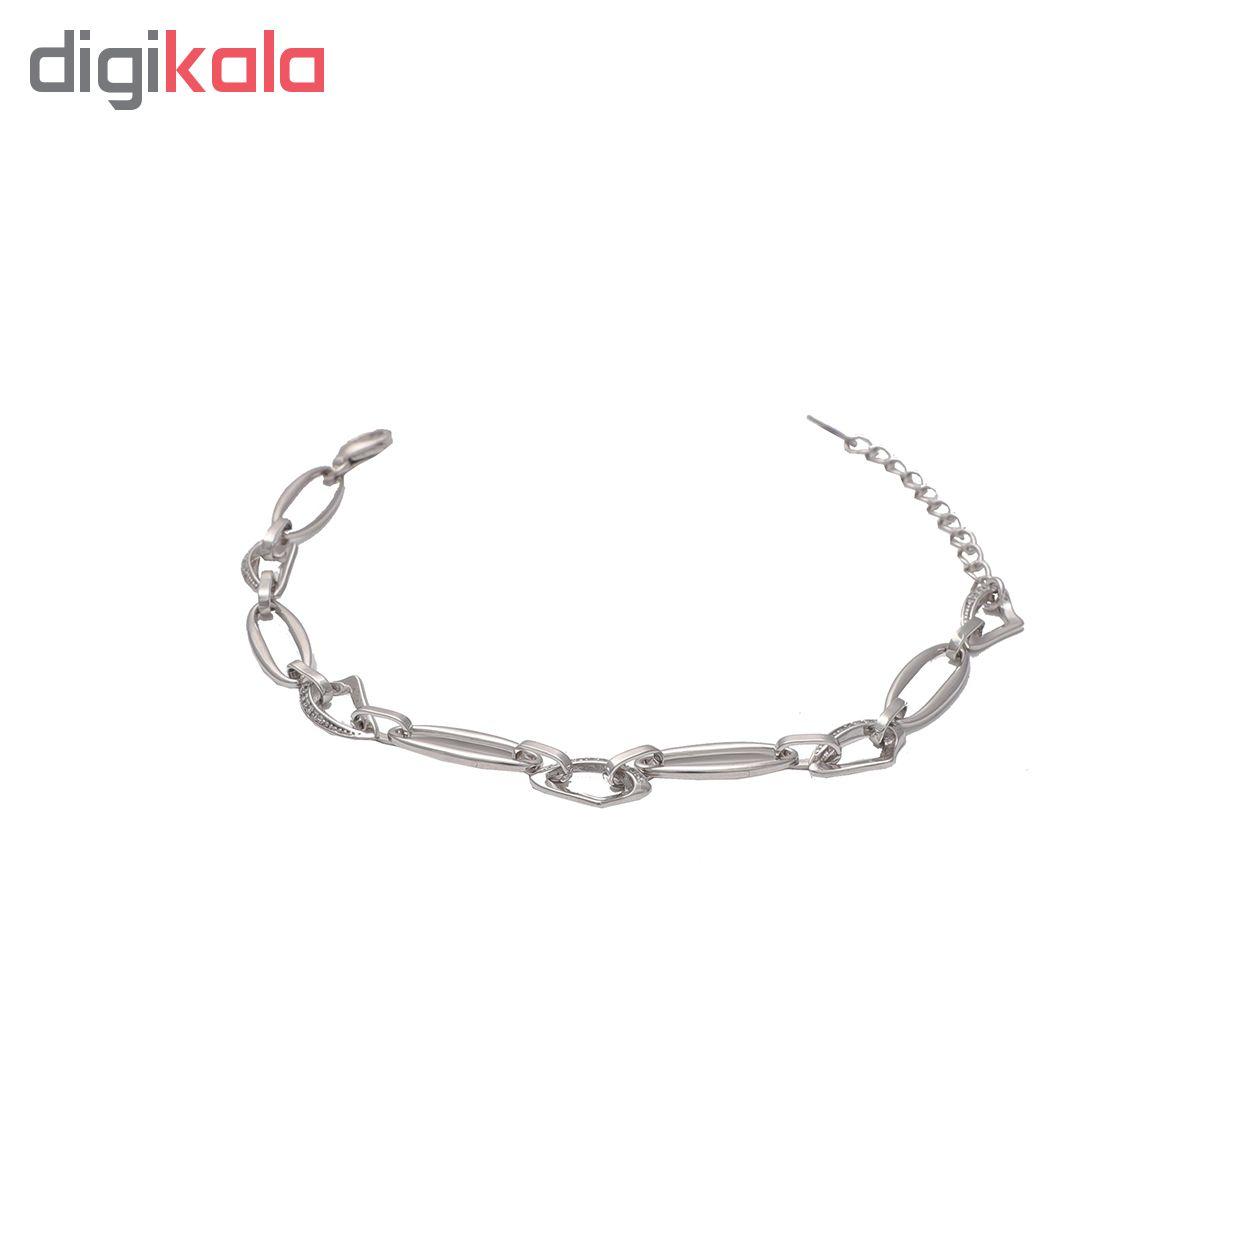 دستبند نقره کد B1003 thumb 2 1